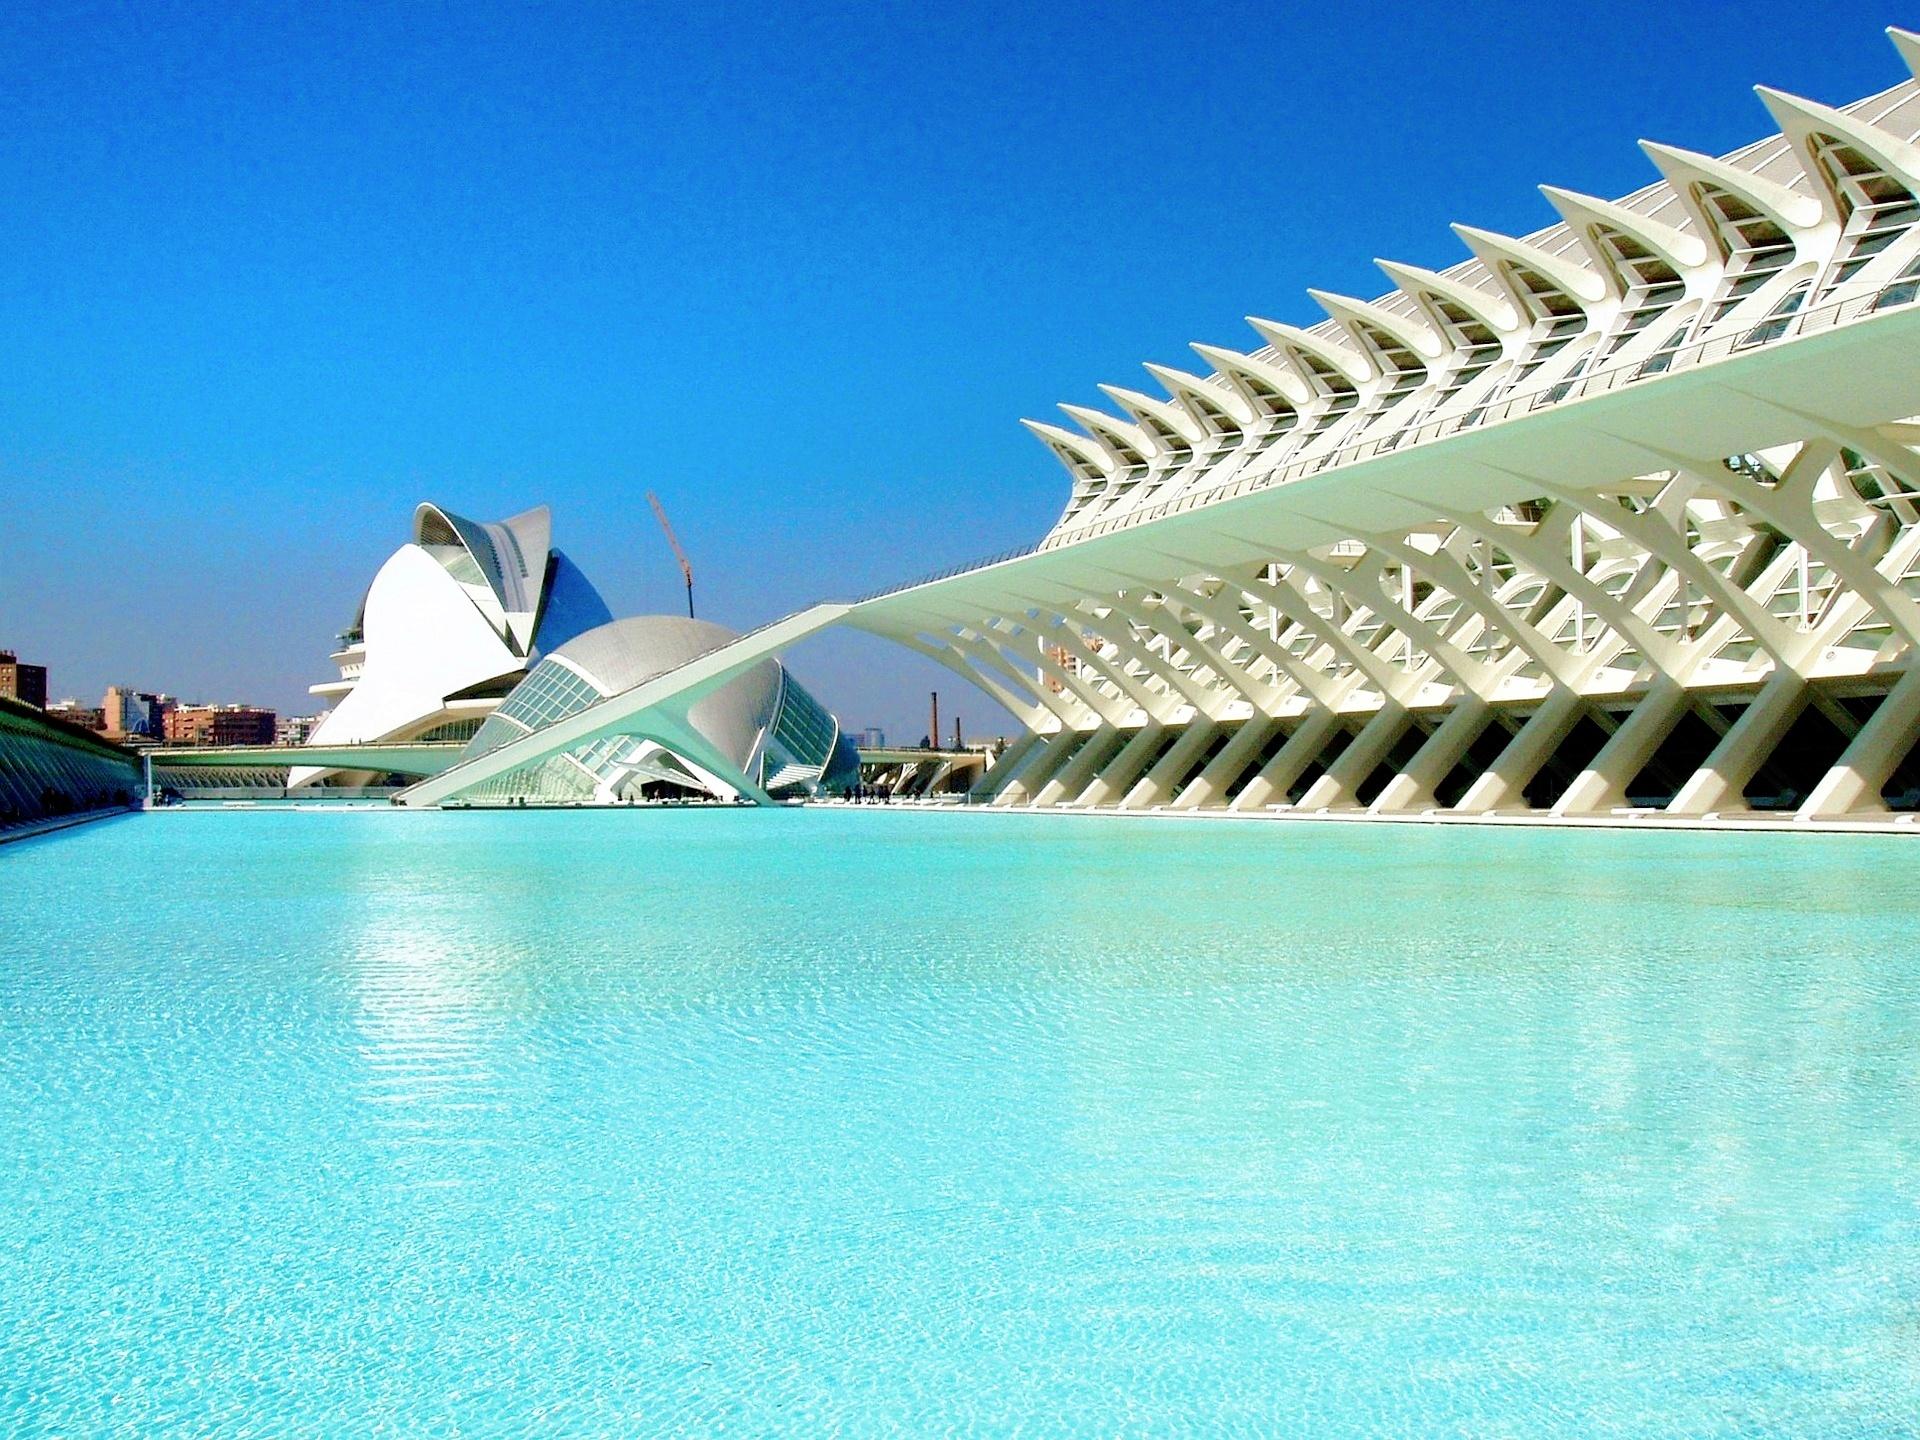 Valencia - Città delle Arti e delle Scienze - 23